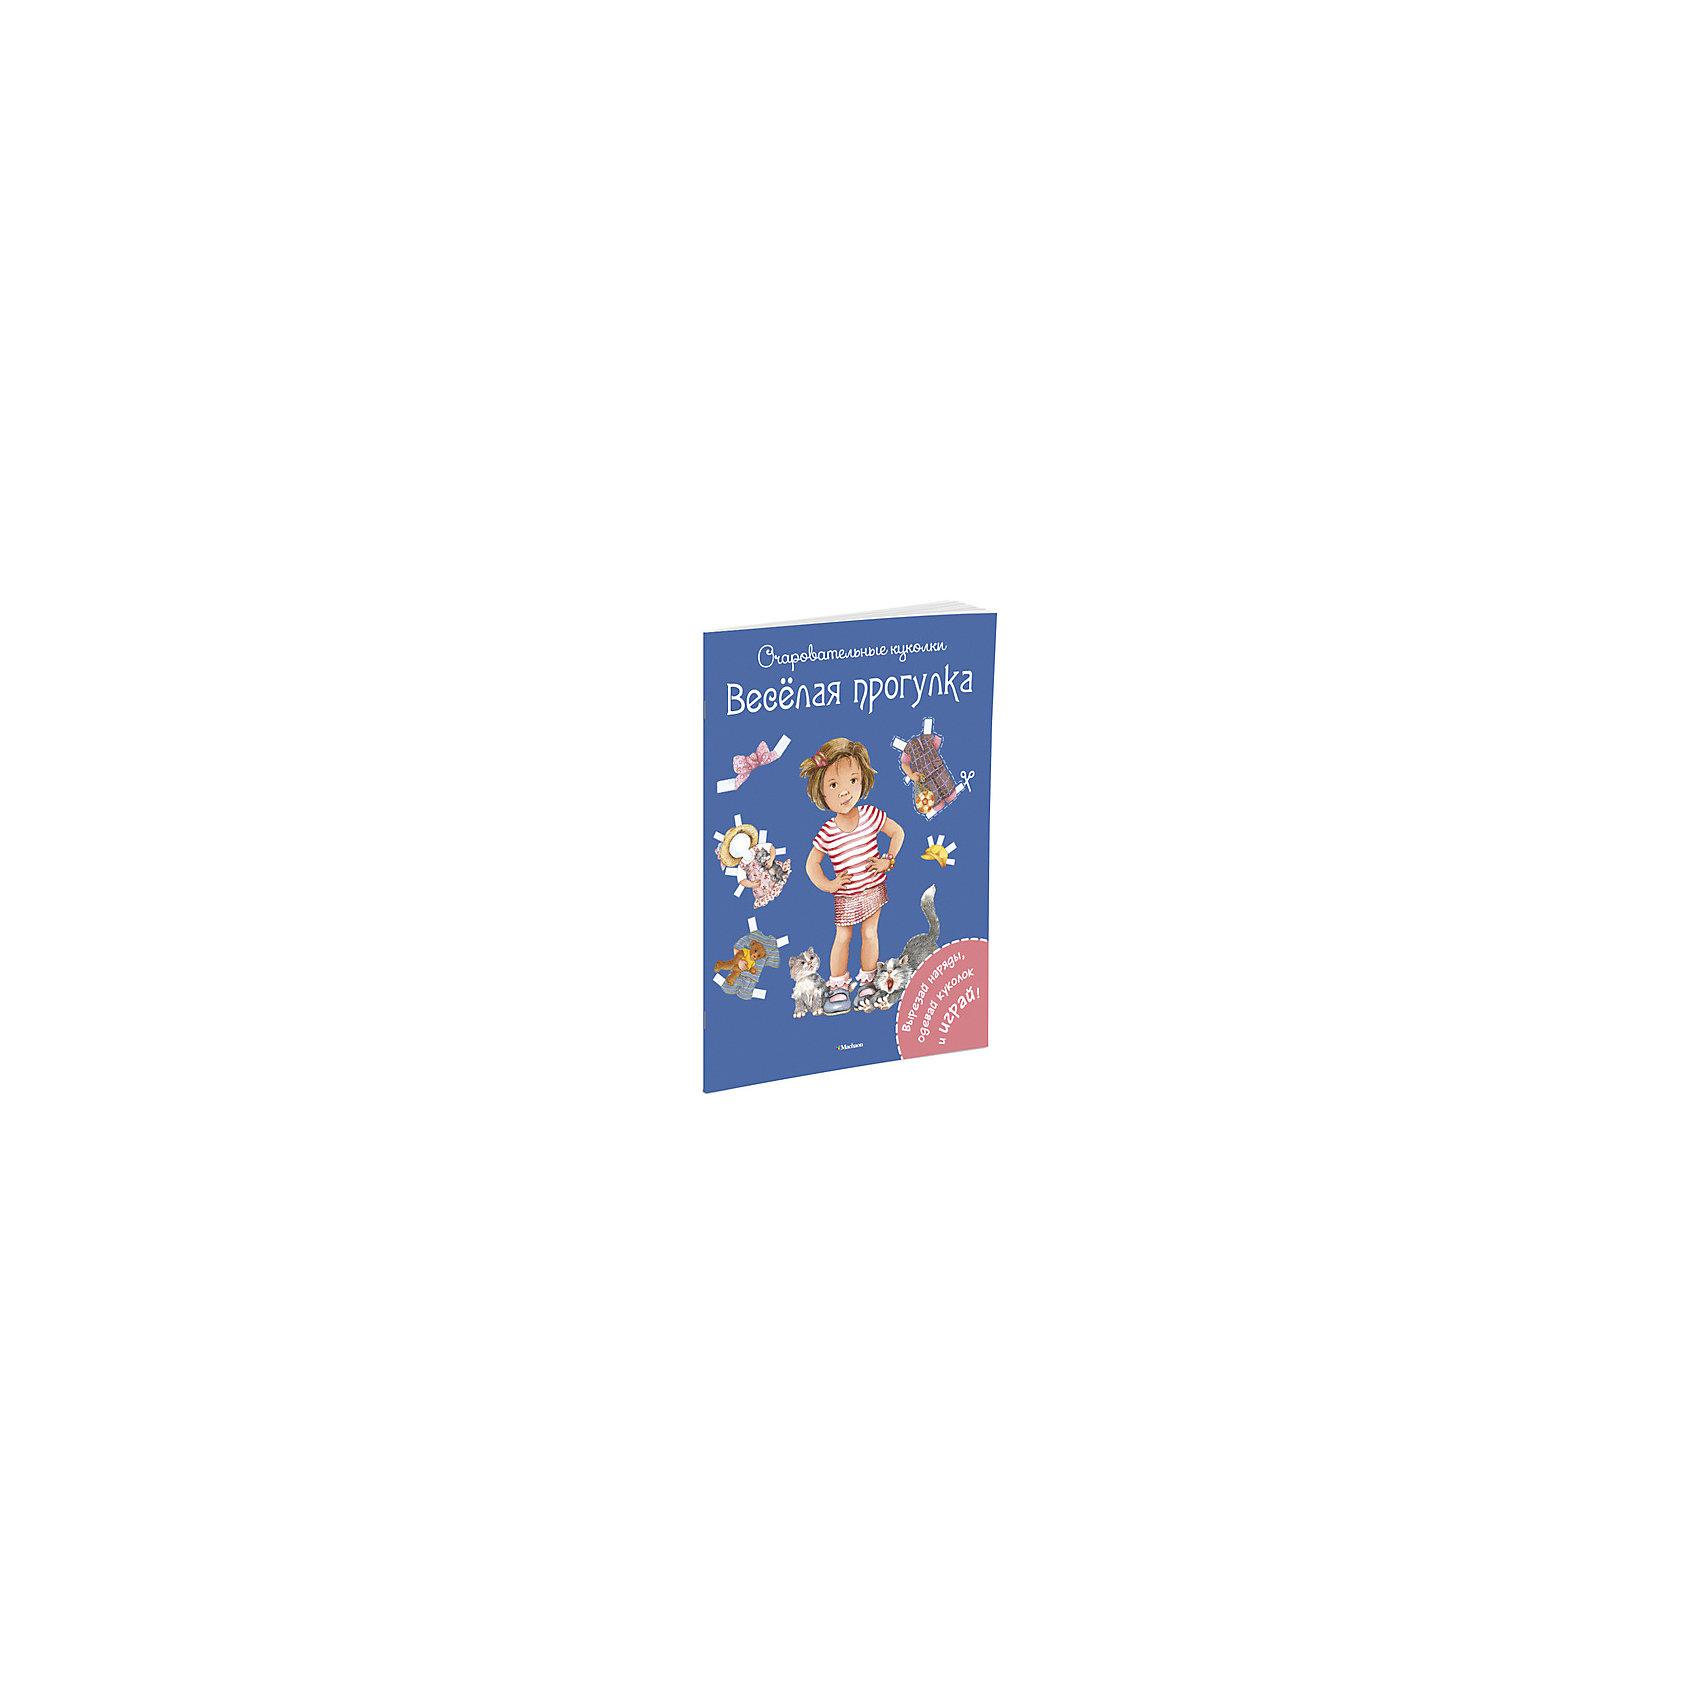 Весёлая прогулка, MACHAONРисование<br>Книжка Весёлая прогулка.<br><br>Характеристики:<br><br>• Автор иллюстраций: Коссманн Ренатэ<br>• Переводчик: Сенникова В.<br>• Издательство: Махаон, 2016 год<br>• Серия: Очаровательные куколки<br>• Тип обложки: мягкая<br>• Иллюстрации: цветные<br>• Количество страниц: 16<br>• Размер: 285x210x2 мм.<br>• Вес: 153 гр.<br>• ISBN: 9785389093171<br><br>Собраться на прогулку не так уж и просто. Нужно решить, какую игрушку взять с собой, а какую оставить дома, не забыть положить в сумку лакомства для своего питомца и, главное, определиться с нарядом! Вырежи фигурки ребят, а также игрушки и одежду и создавай им разные образы. С этой книжкой ваш ребёнок не просто интересно проведёт время, но и разовьёт мелкую моторику, художественный вкус и воображение.<br><br>Книжку Весёлая прогулка можно купить в нашем интернет-магазине.<br><br>Ширина мм: 285<br>Глубина мм: 210<br>Высота мм: 20<br>Вес г: 153<br>Возраст от месяцев: 36<br>Возраст до месяцев: 72<br>Пол: Женский<br>Возраст: Детский<br>SKU: 5493482